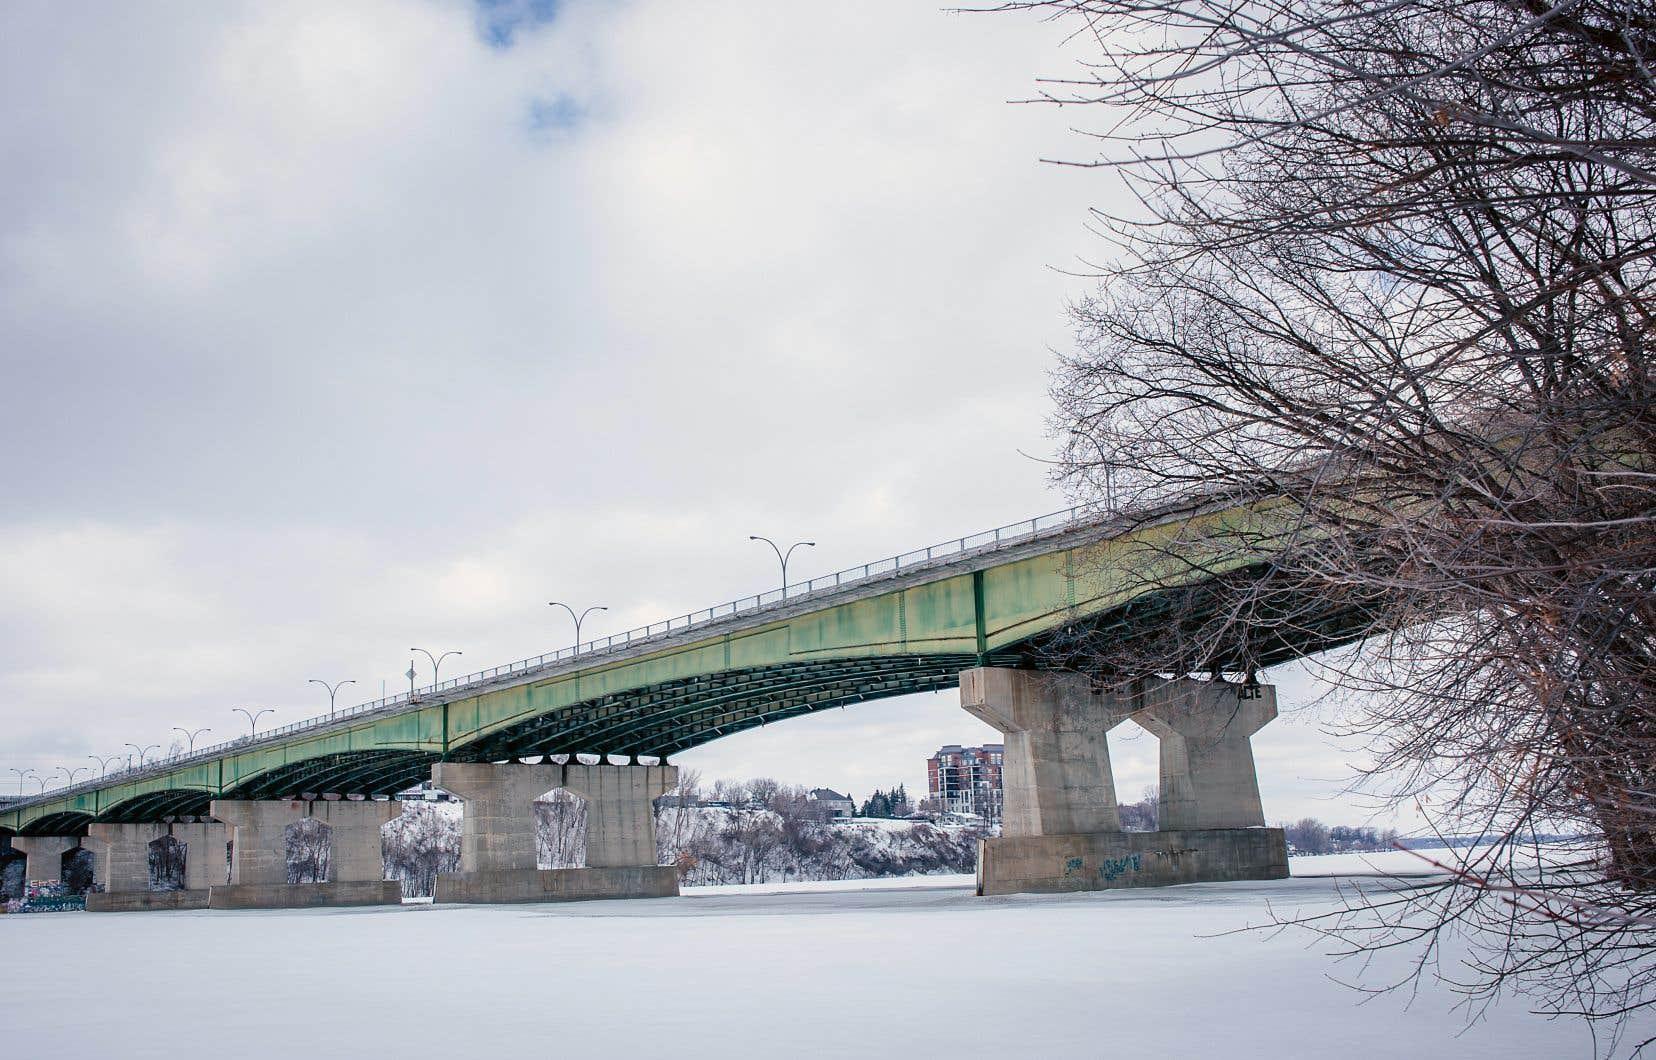 Quelque 61000 véhicules empruntent quotidiennement ce pont reliant Montréal et Laval construit en 1966.